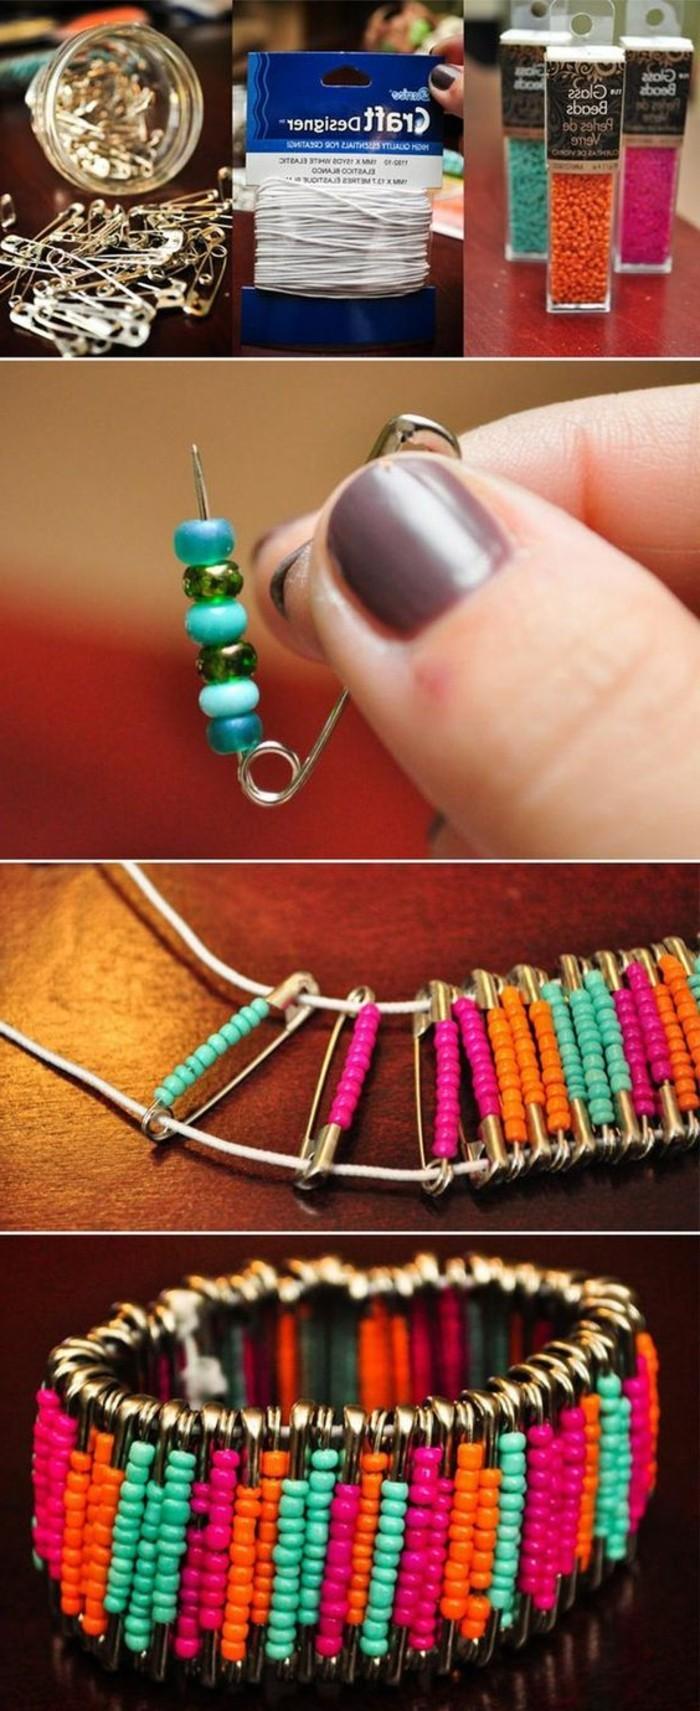 diy-bracelet-bijou-pas-cher-a-faire-vous-memes-a-la-maison-avec-des-cailloux-decoratifs